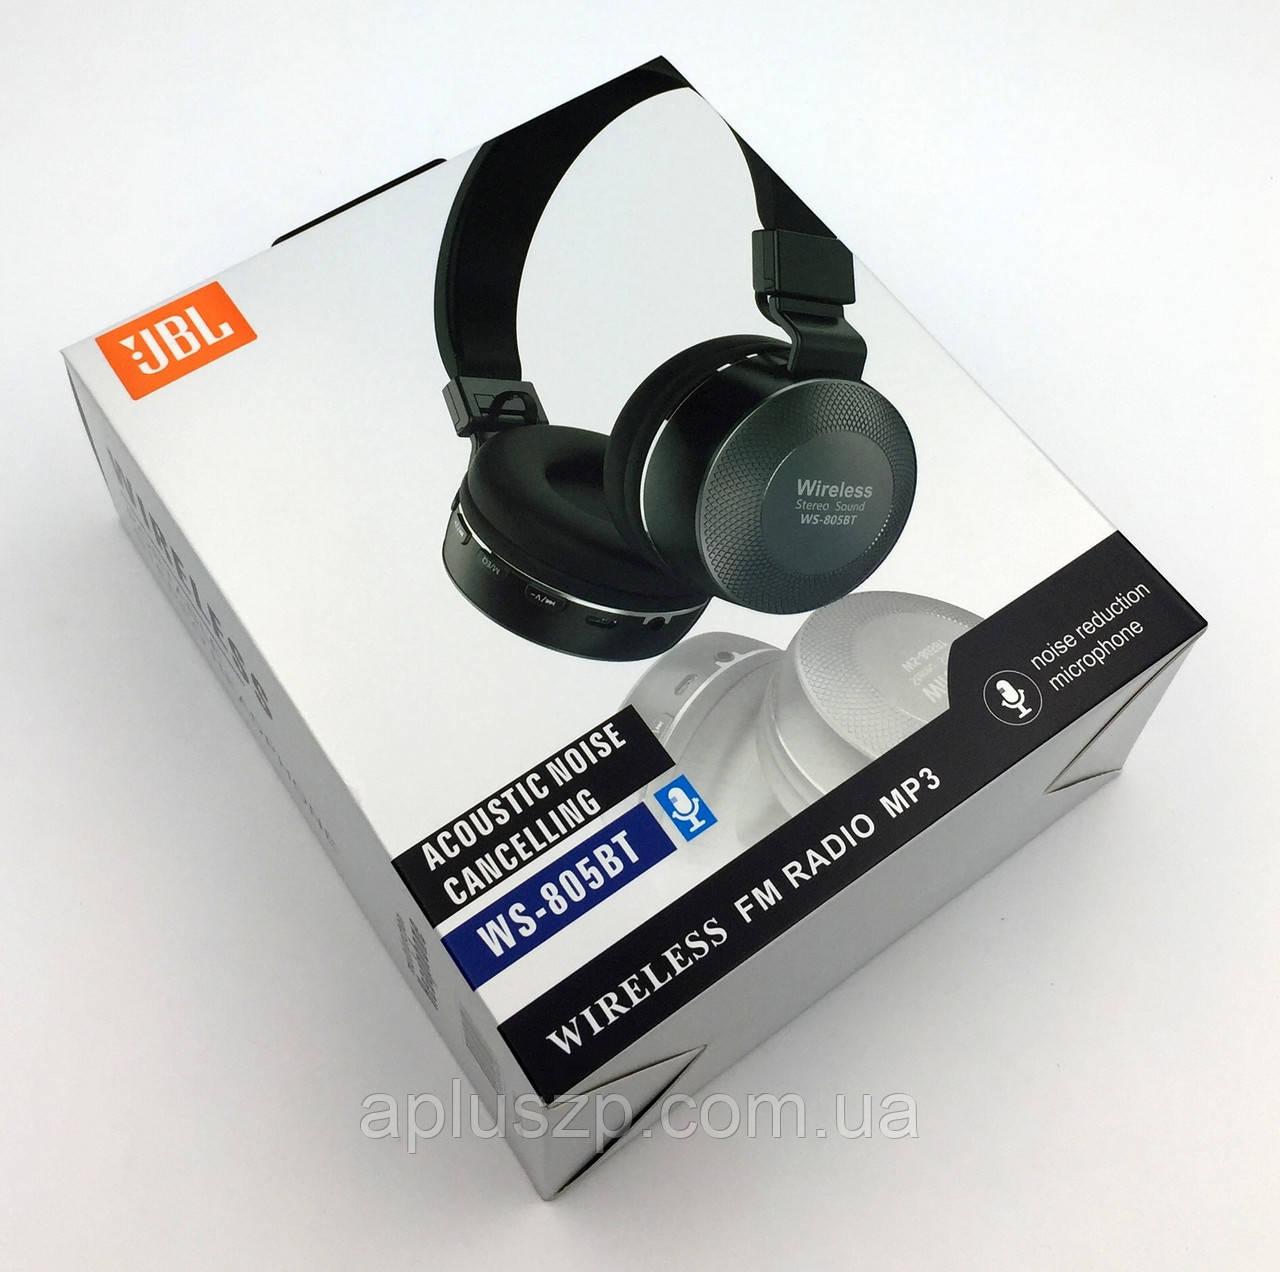 Наушники Bluetooth JBL WS-805BT с Встроенным Плеером White — в ... 803faf3e190e4